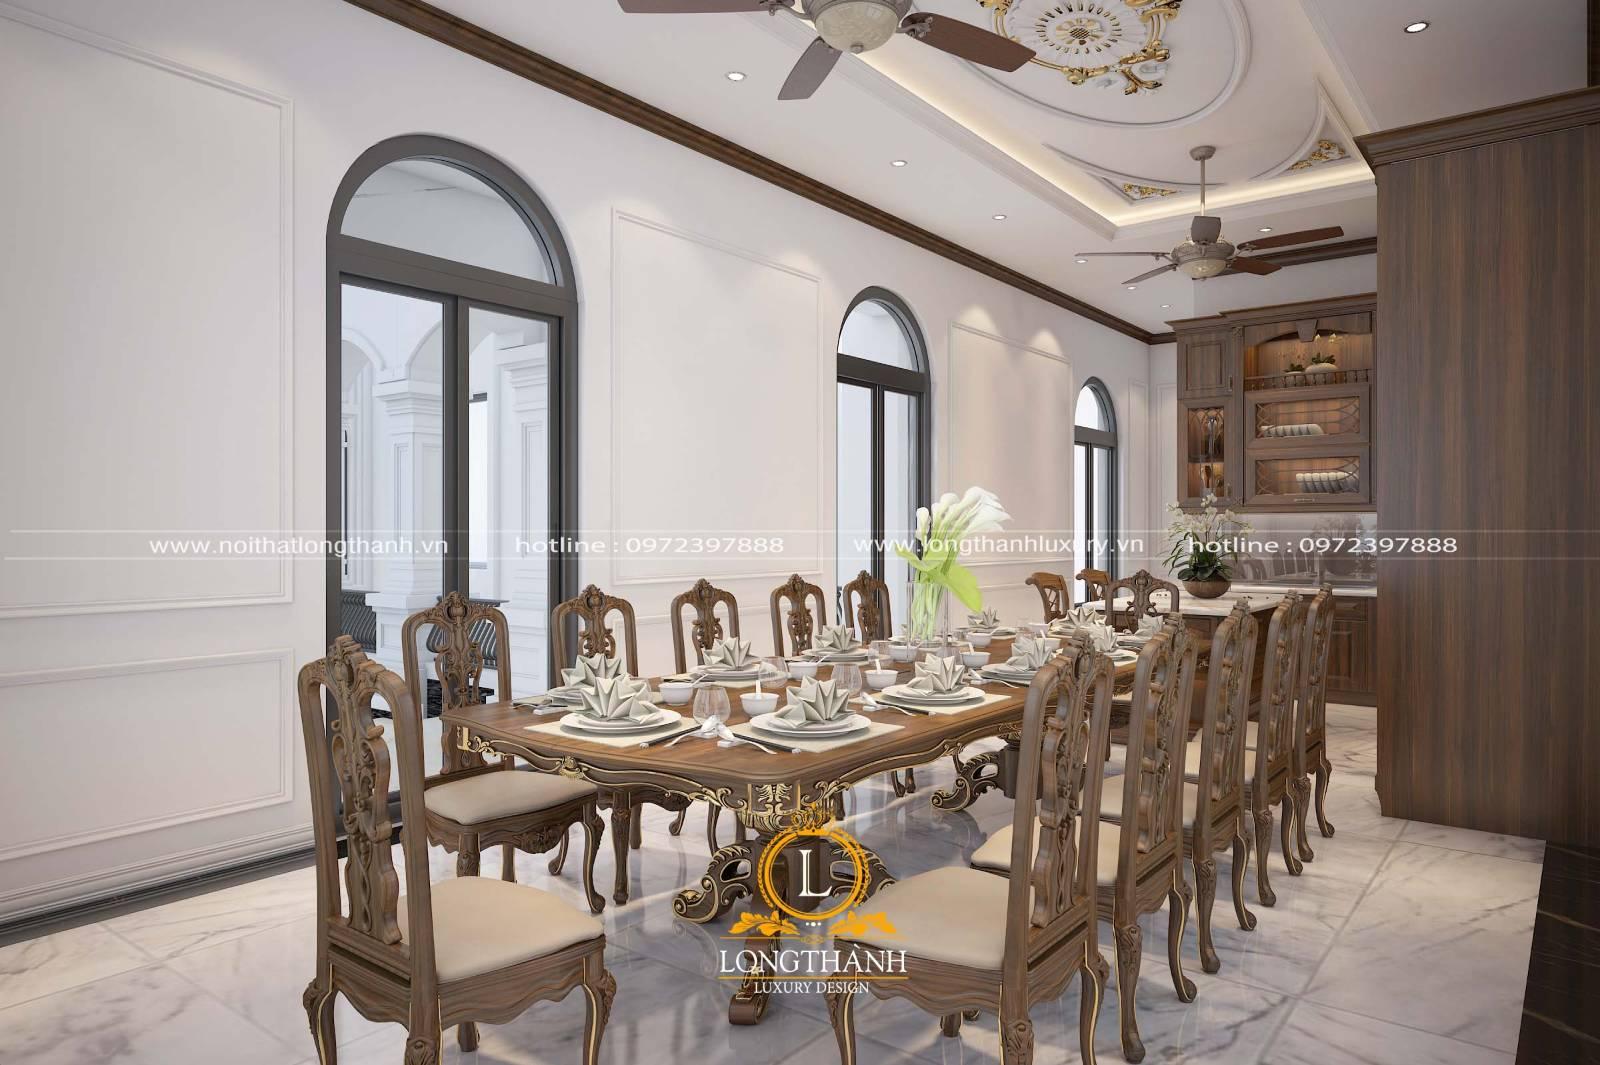 Bộ bàn ăn gỗ Sồi sơn nâu socola theo phong cách tân cổ điển Châu Âu